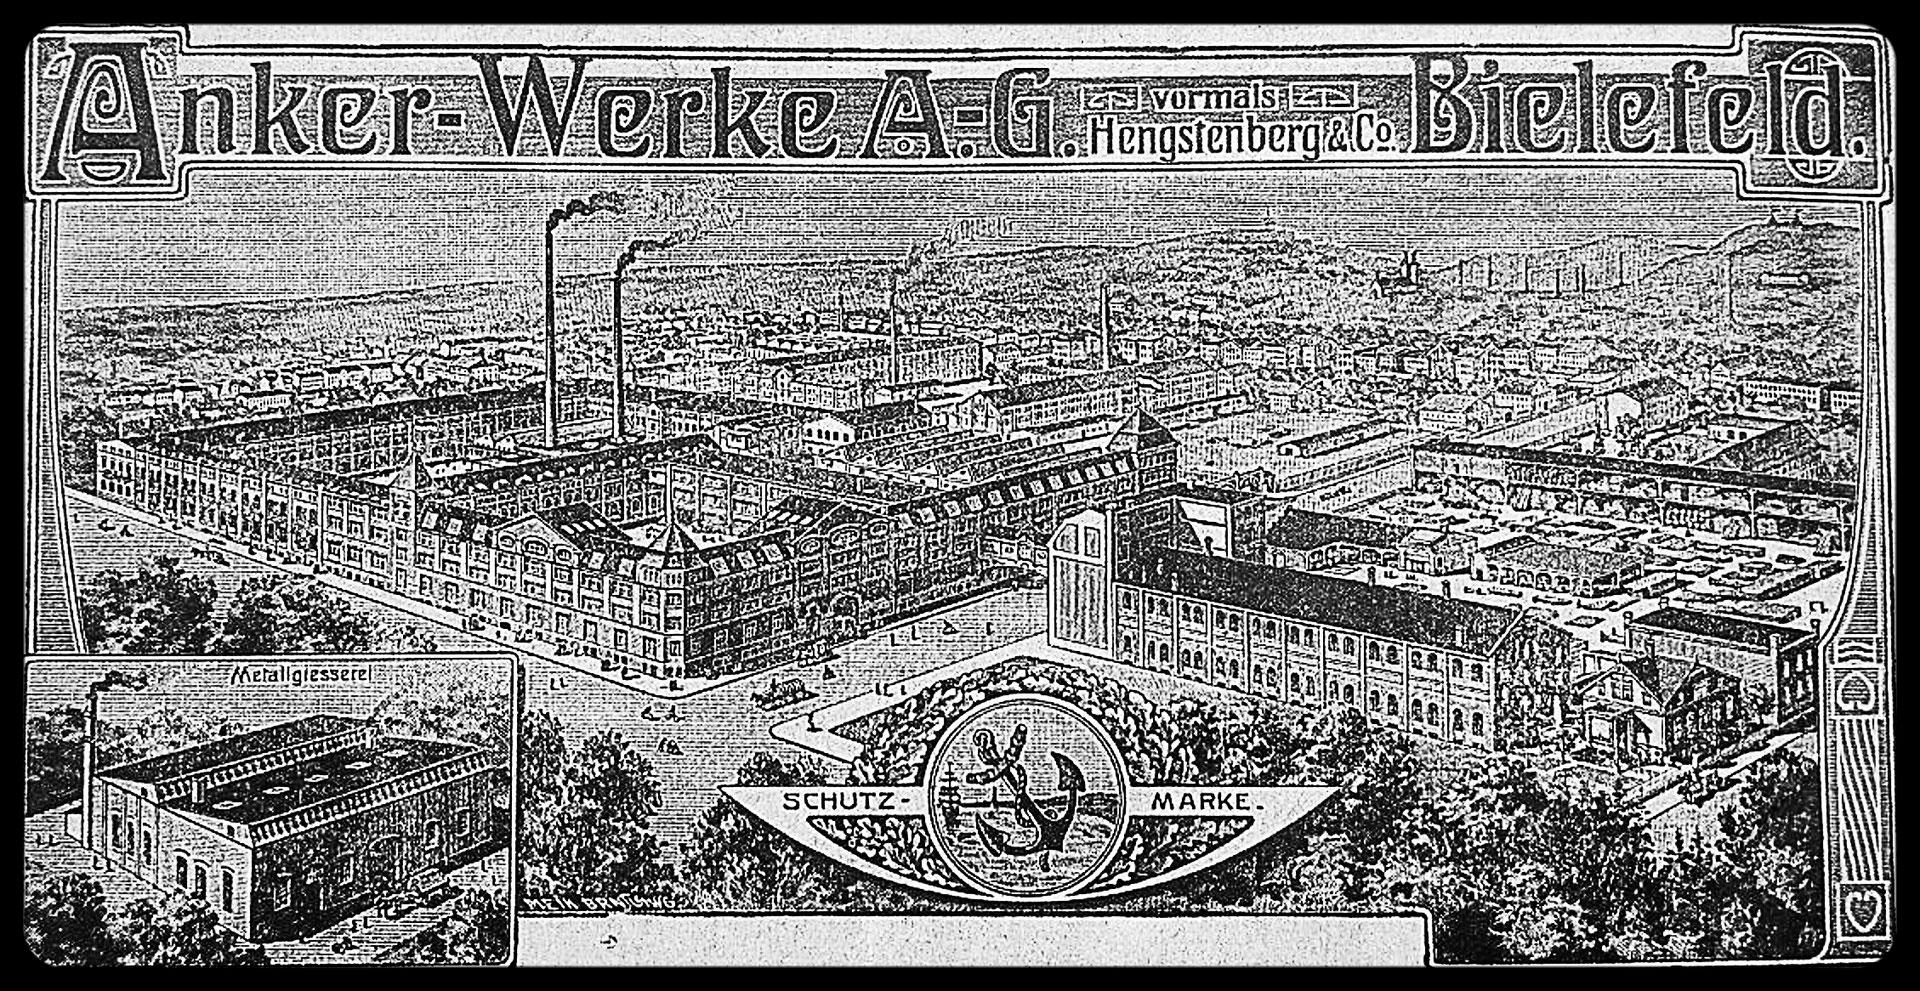 Anker Werke A G Fiddlebase